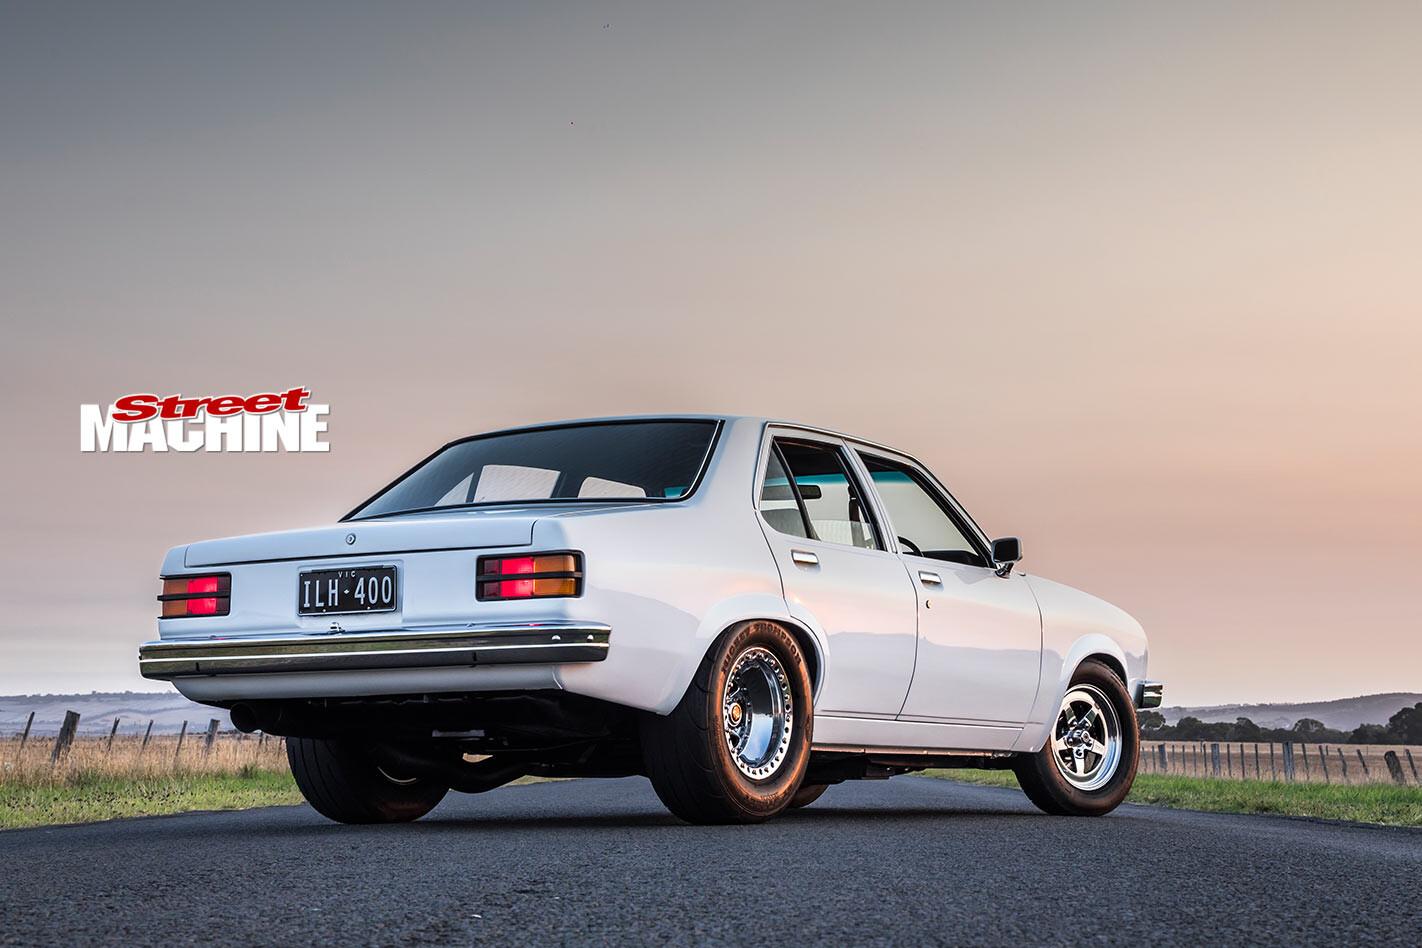 Holden LH Torana rear